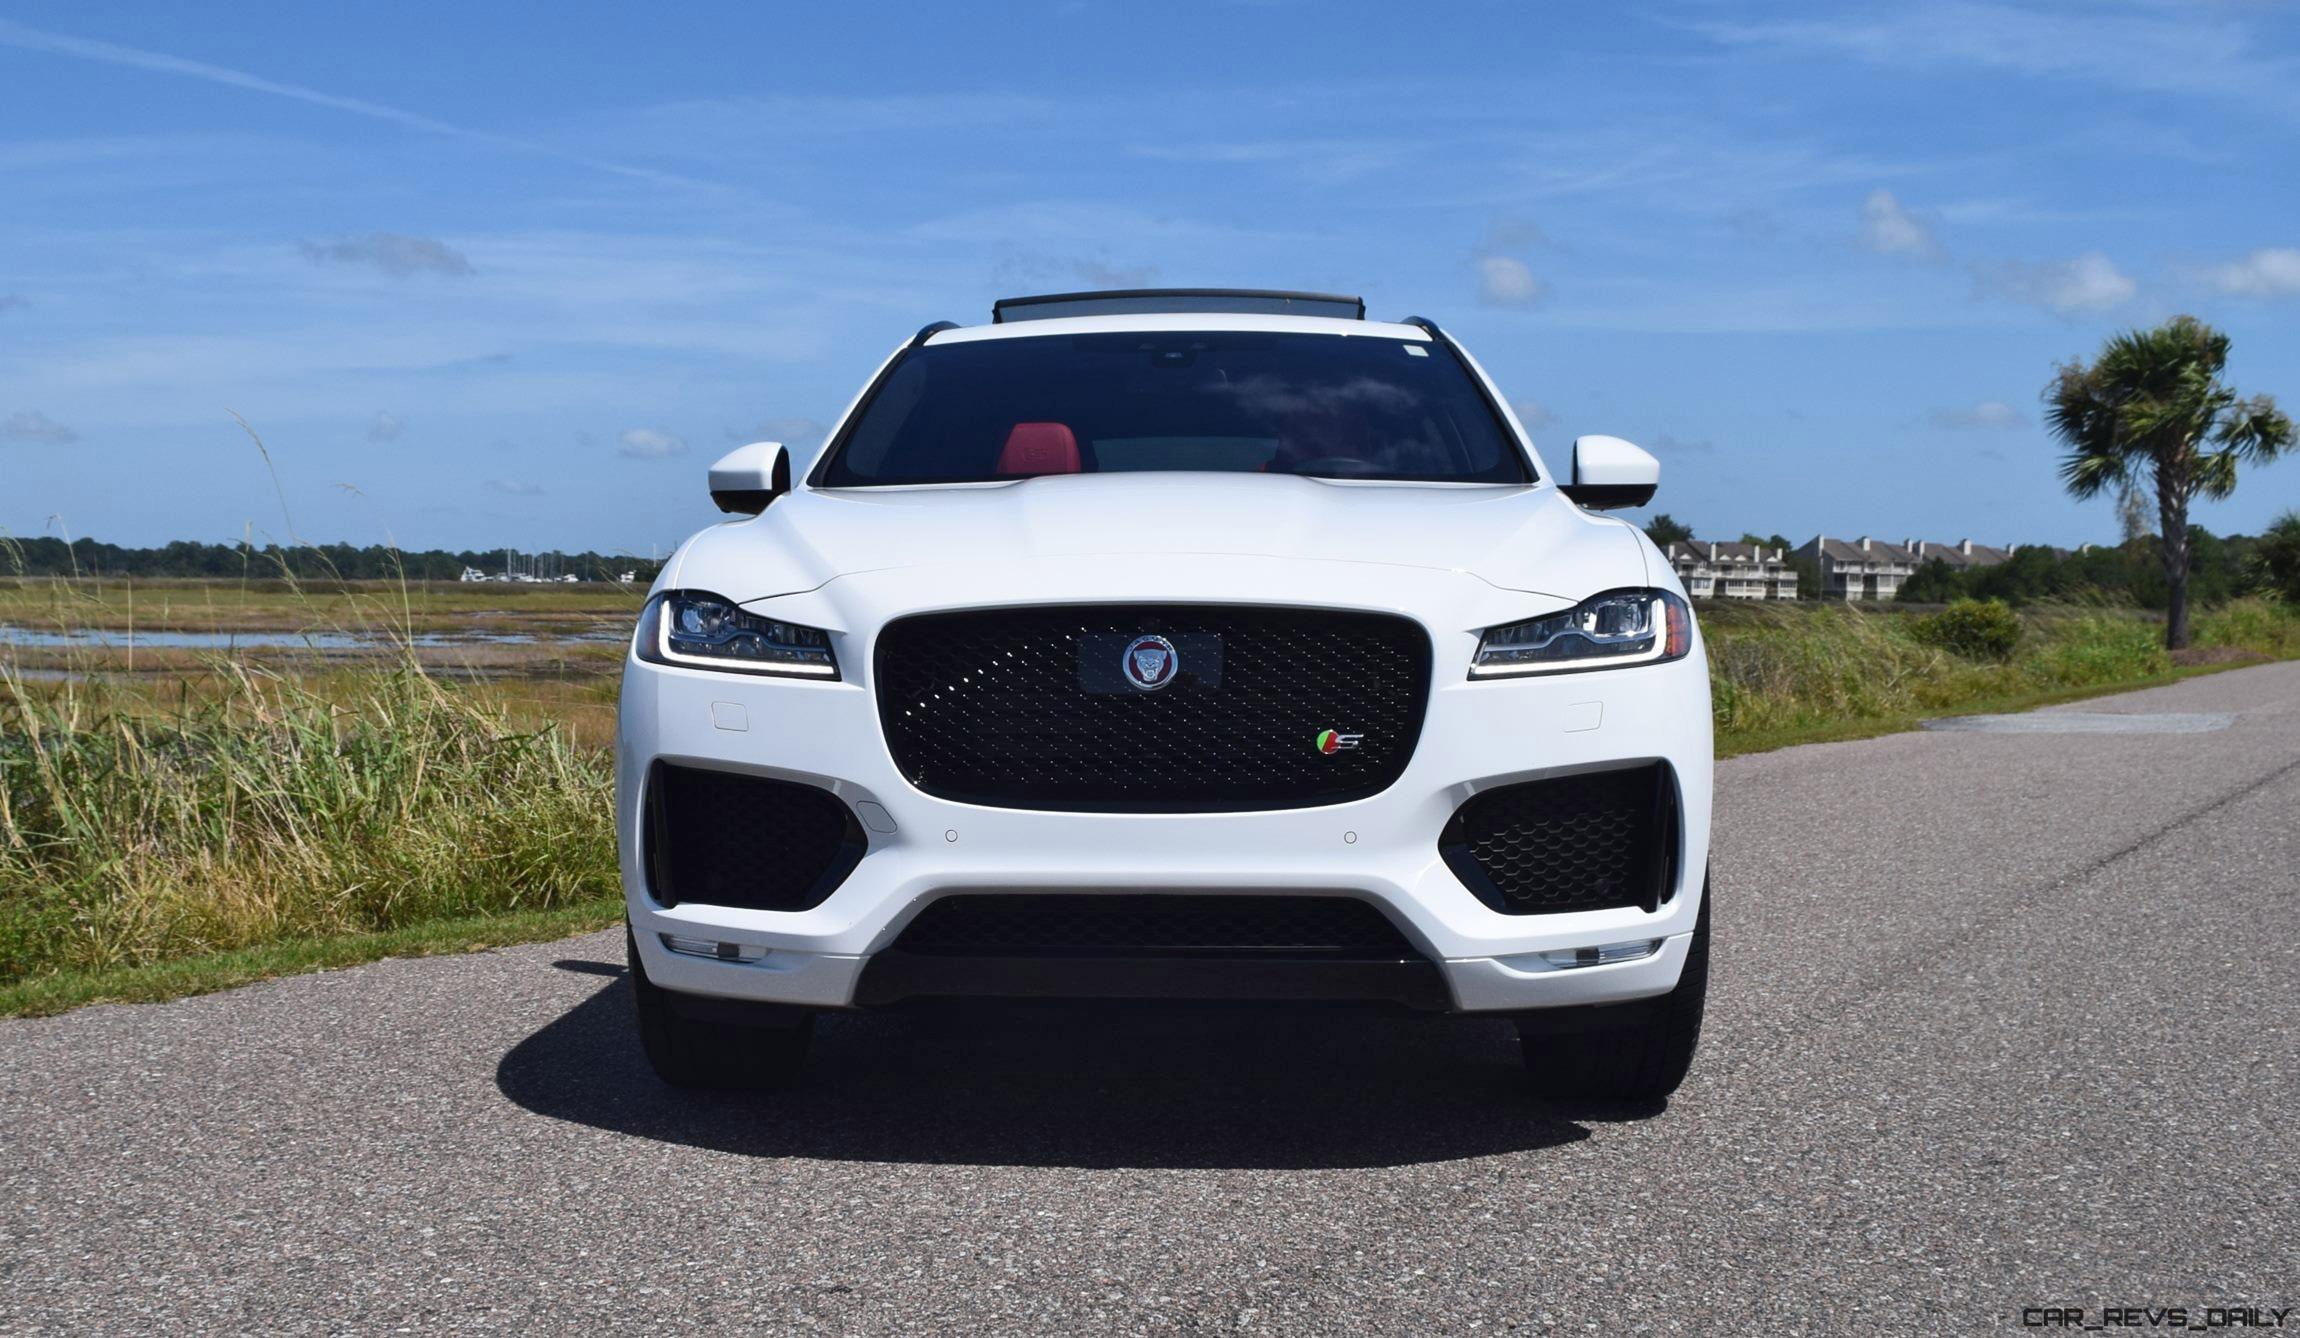 2017 Jaguar F Pace S White Exterior 11